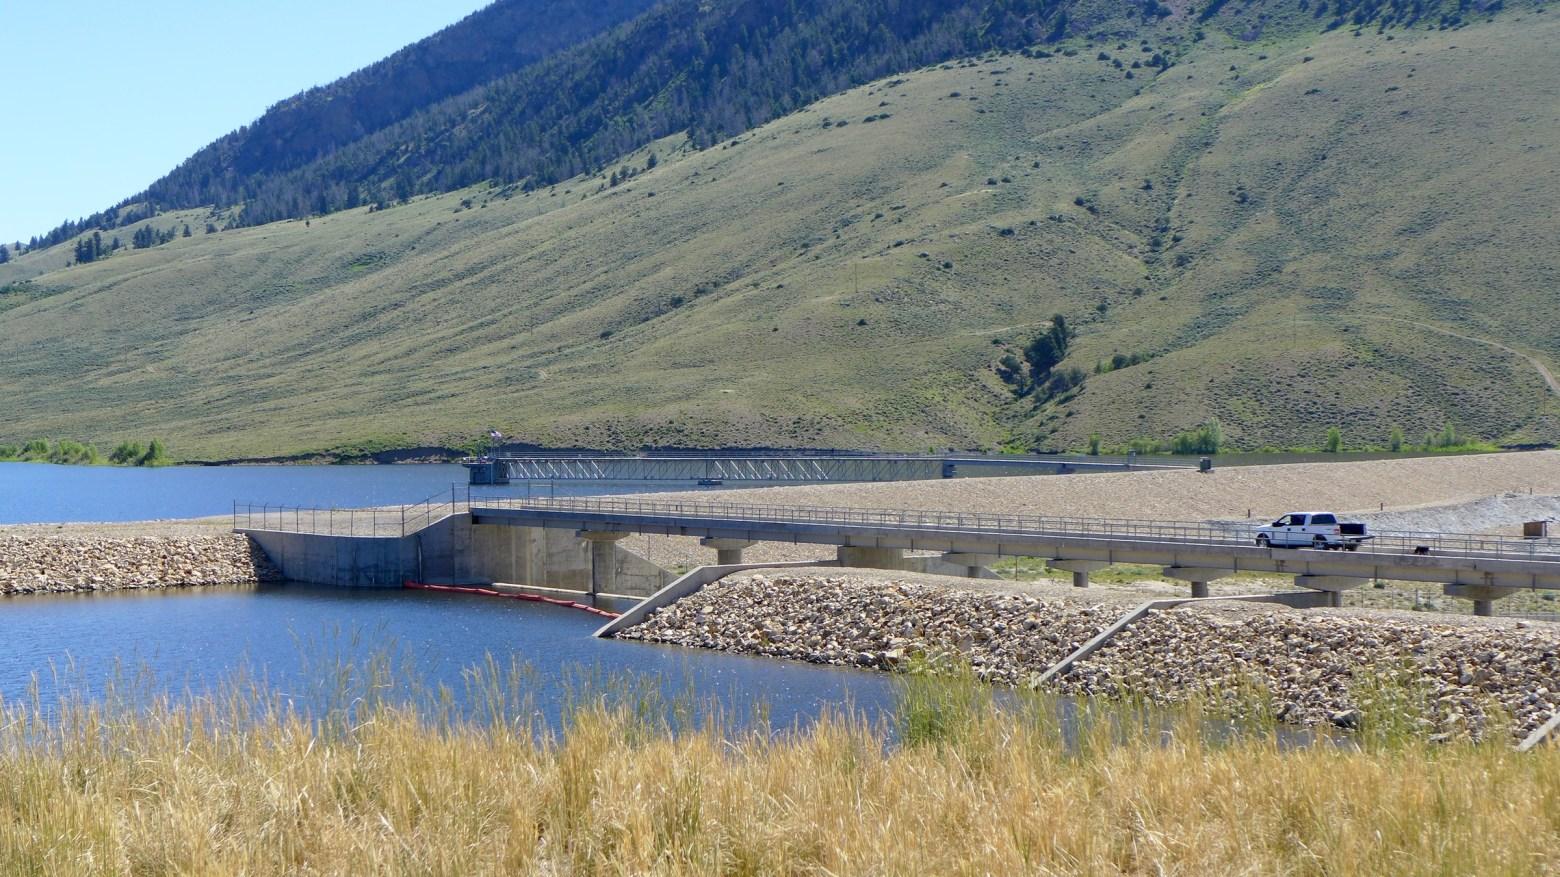 Ritschard dam photo 1